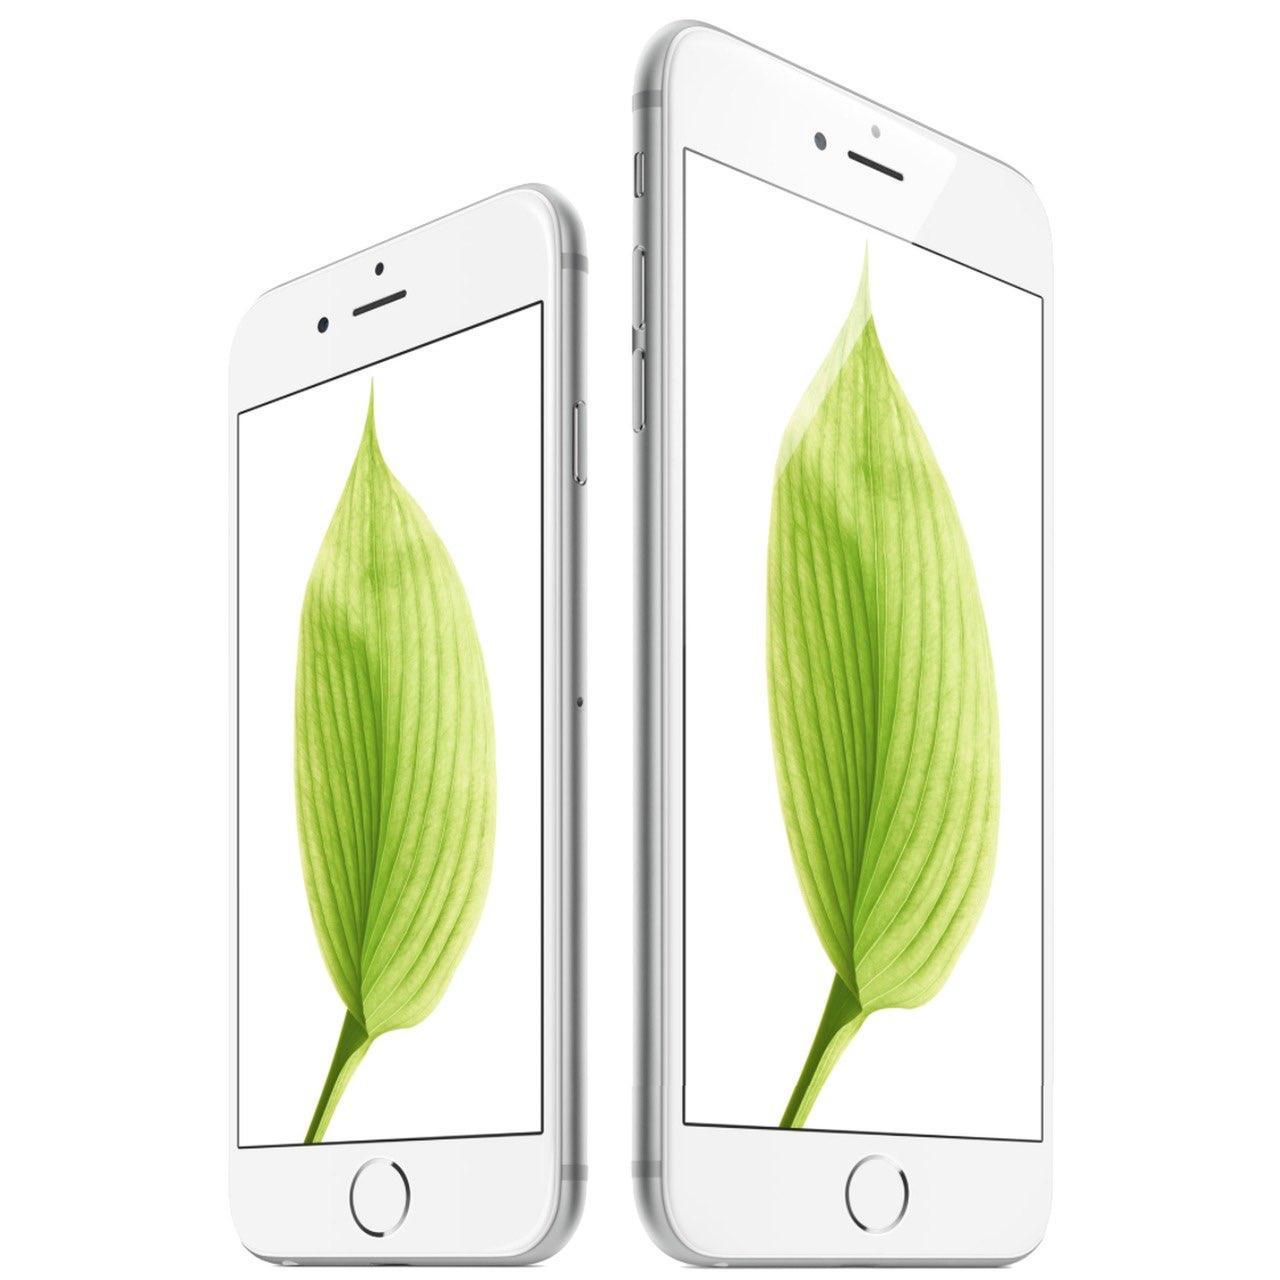 iPhone 6s en iPhone 6s Plus met groen blaadje